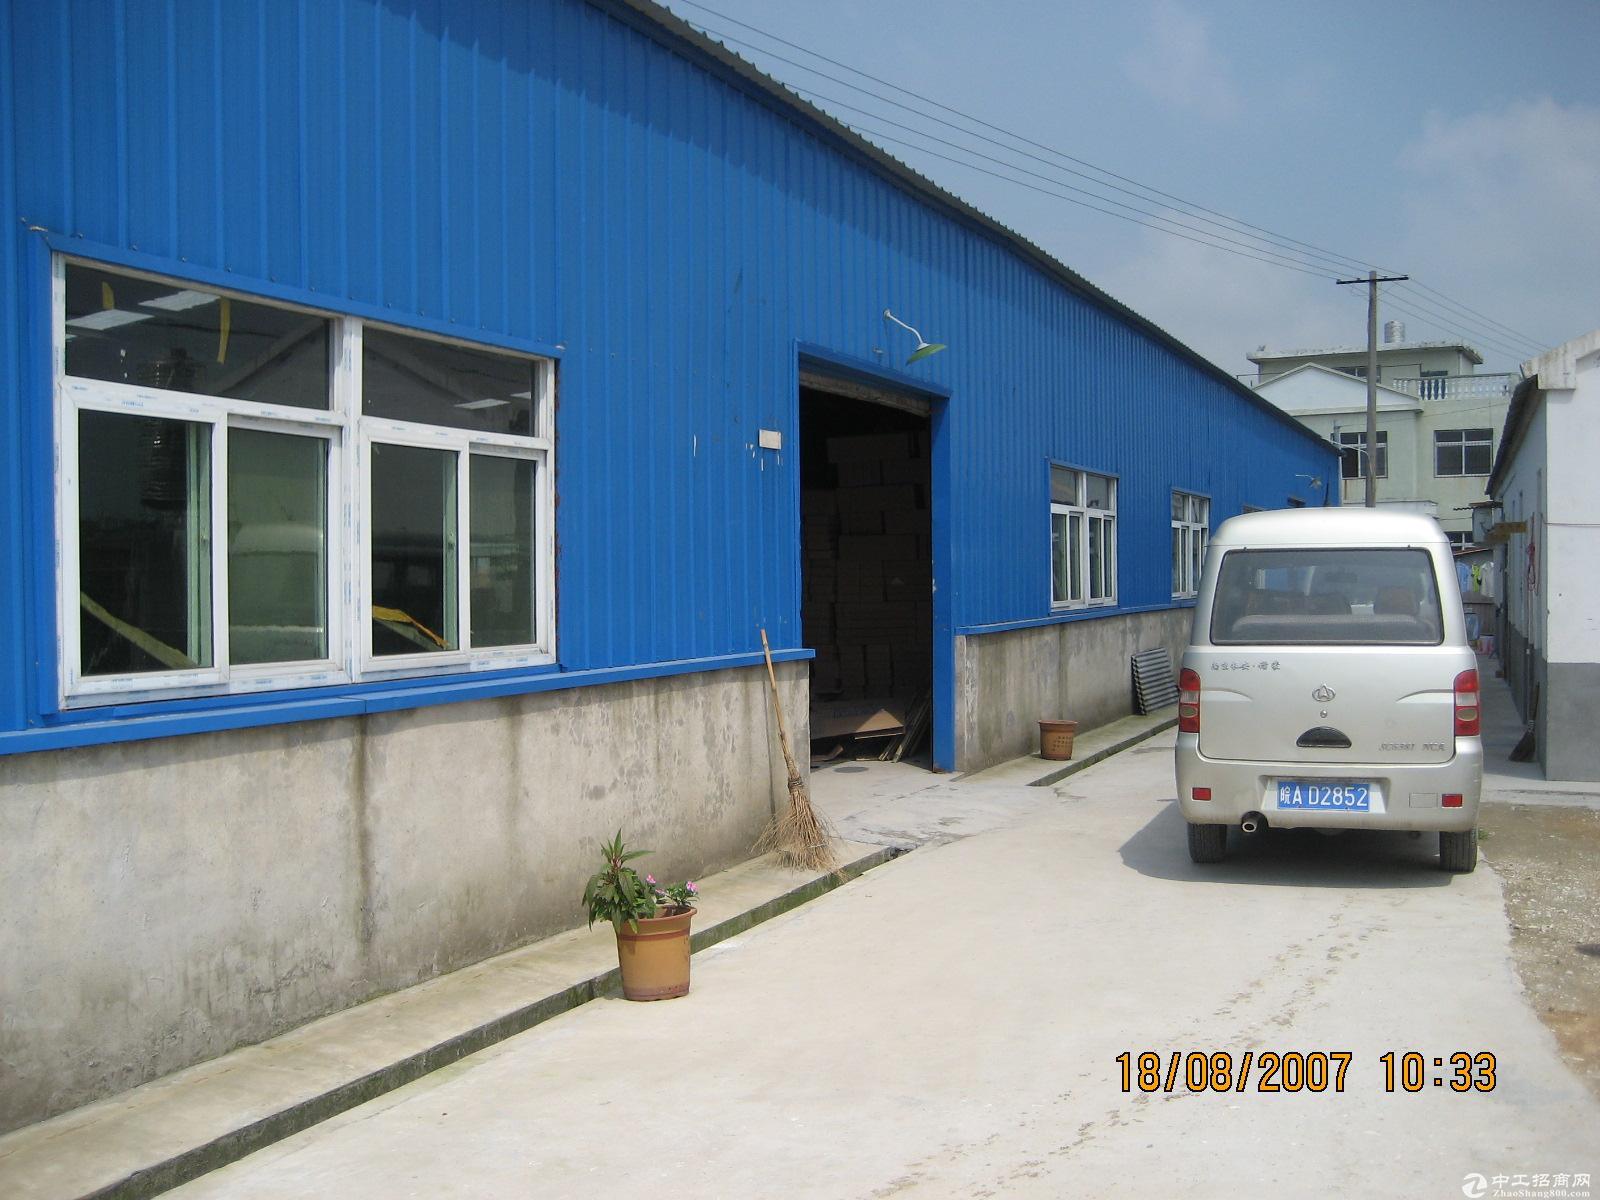 两栋厂房出租3100平米,附近有周谷堆建材城长江大市场